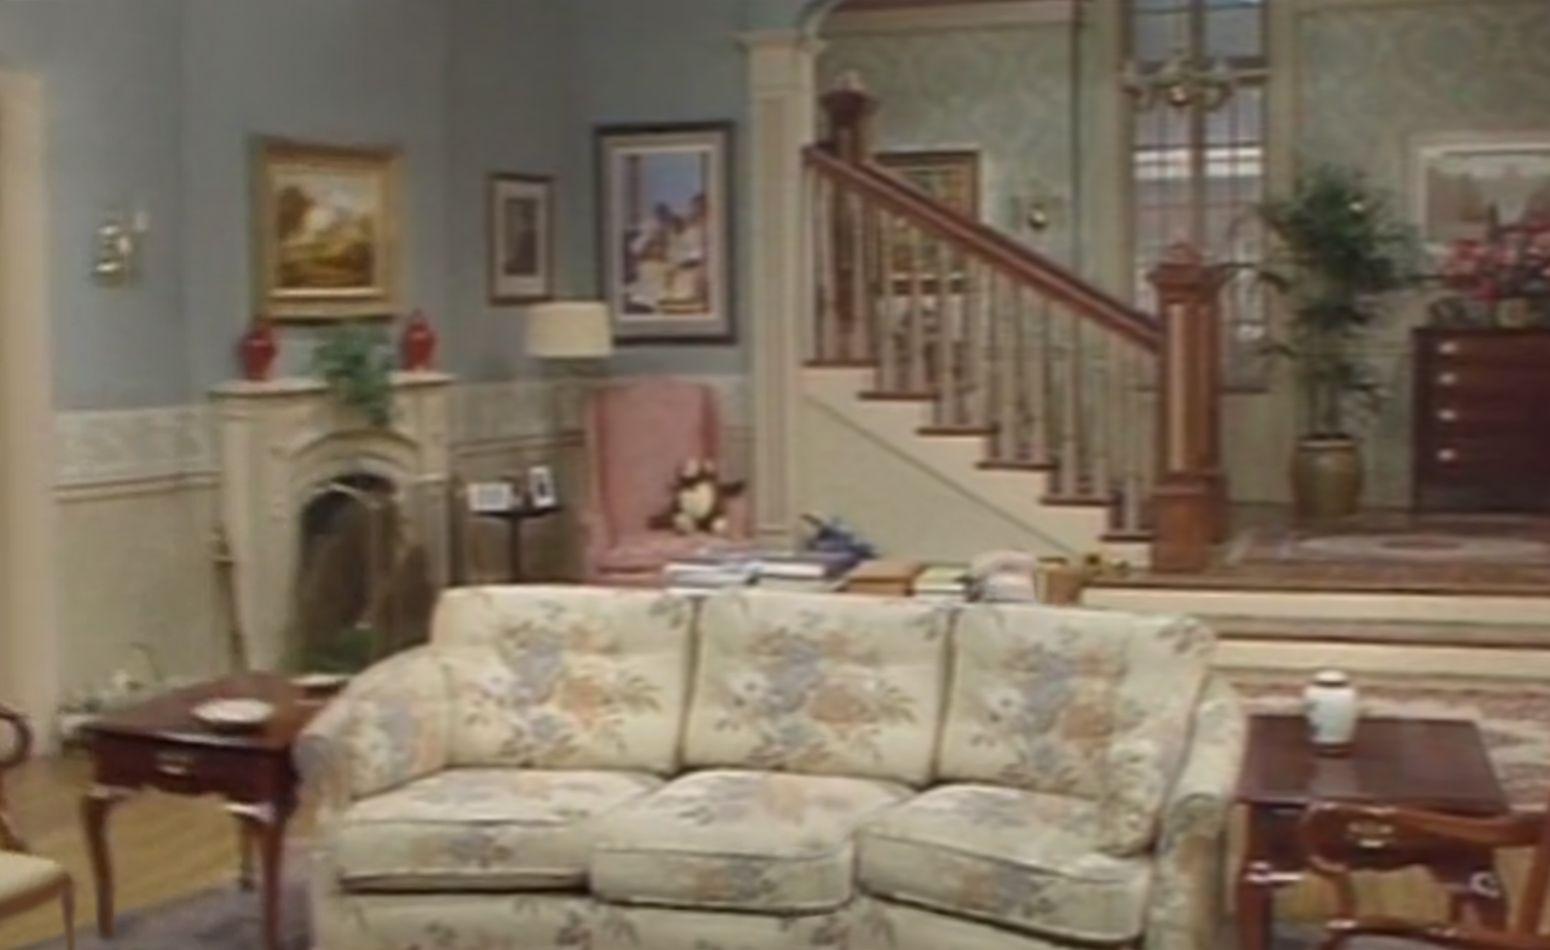 90 S Sitcom Living Rooms Living Room 90s Living Room Sets Popular Living Room Furniture